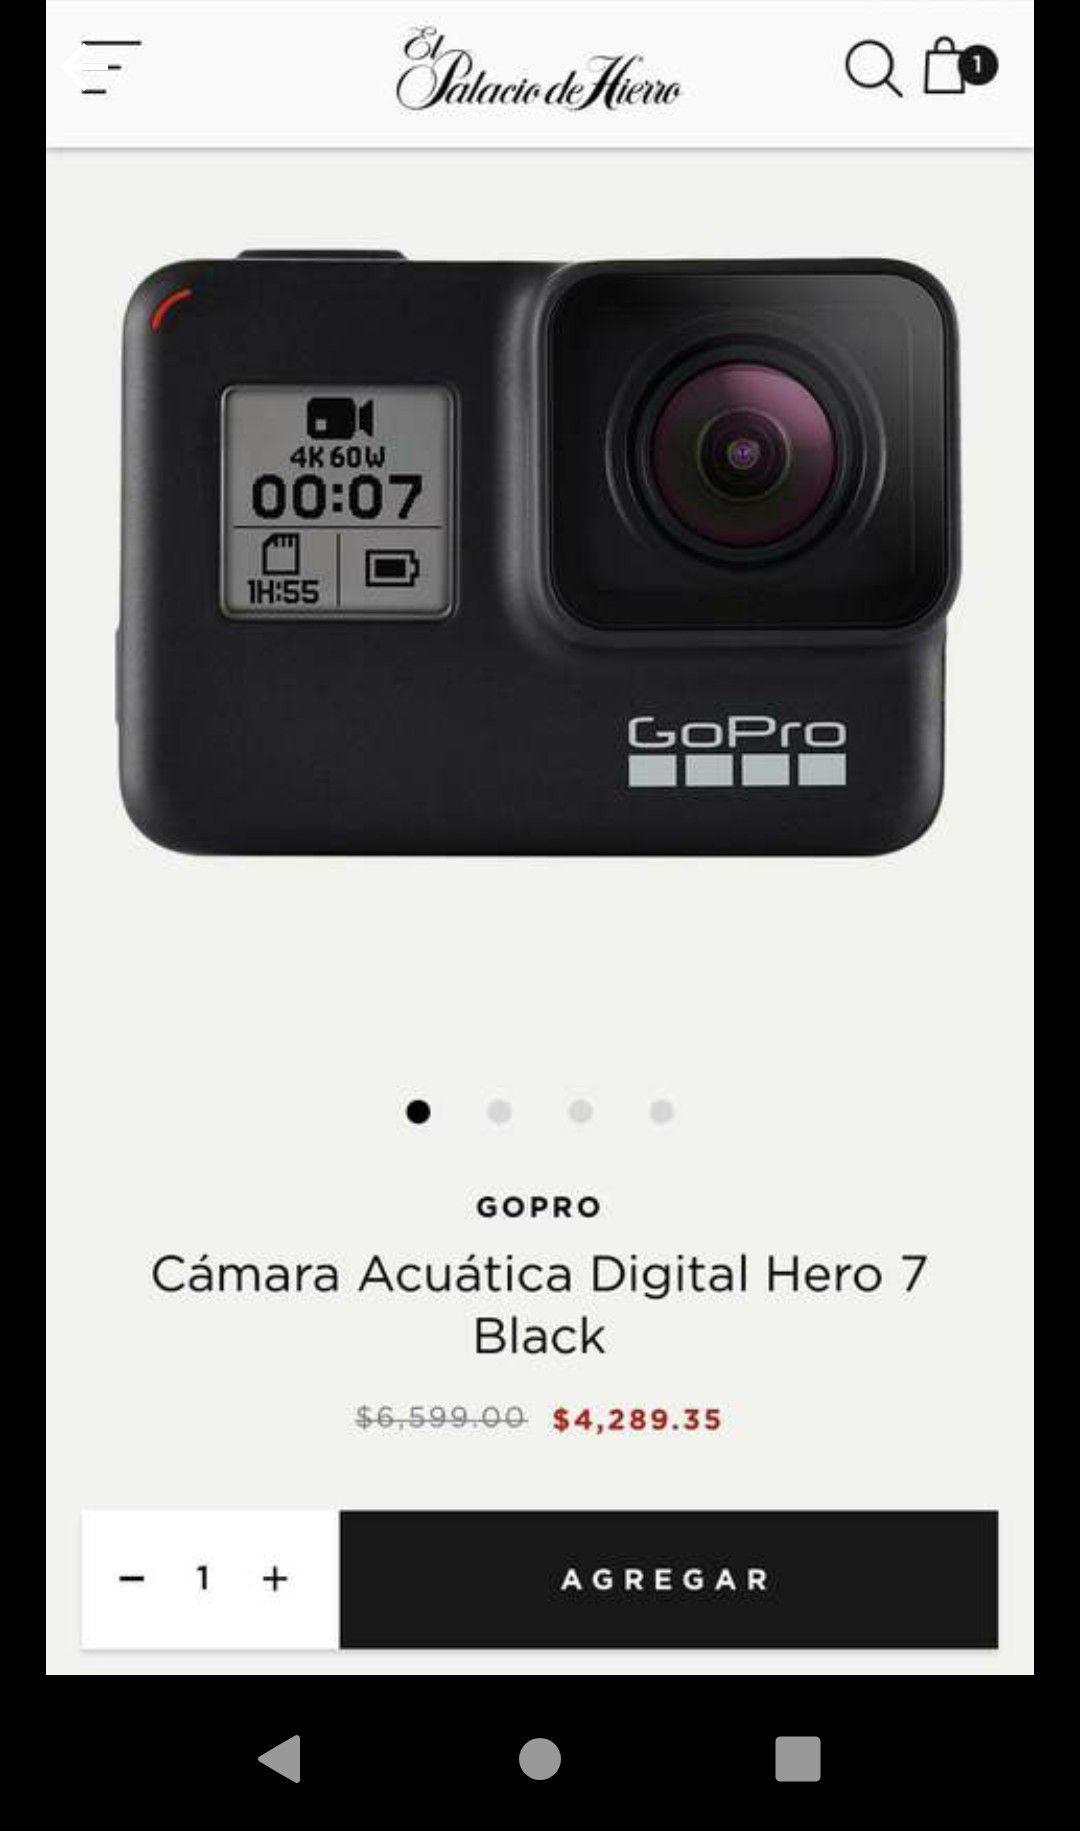 El Palacio de Hierro: GoPro hero 7 black (Con Banamex a MSI)